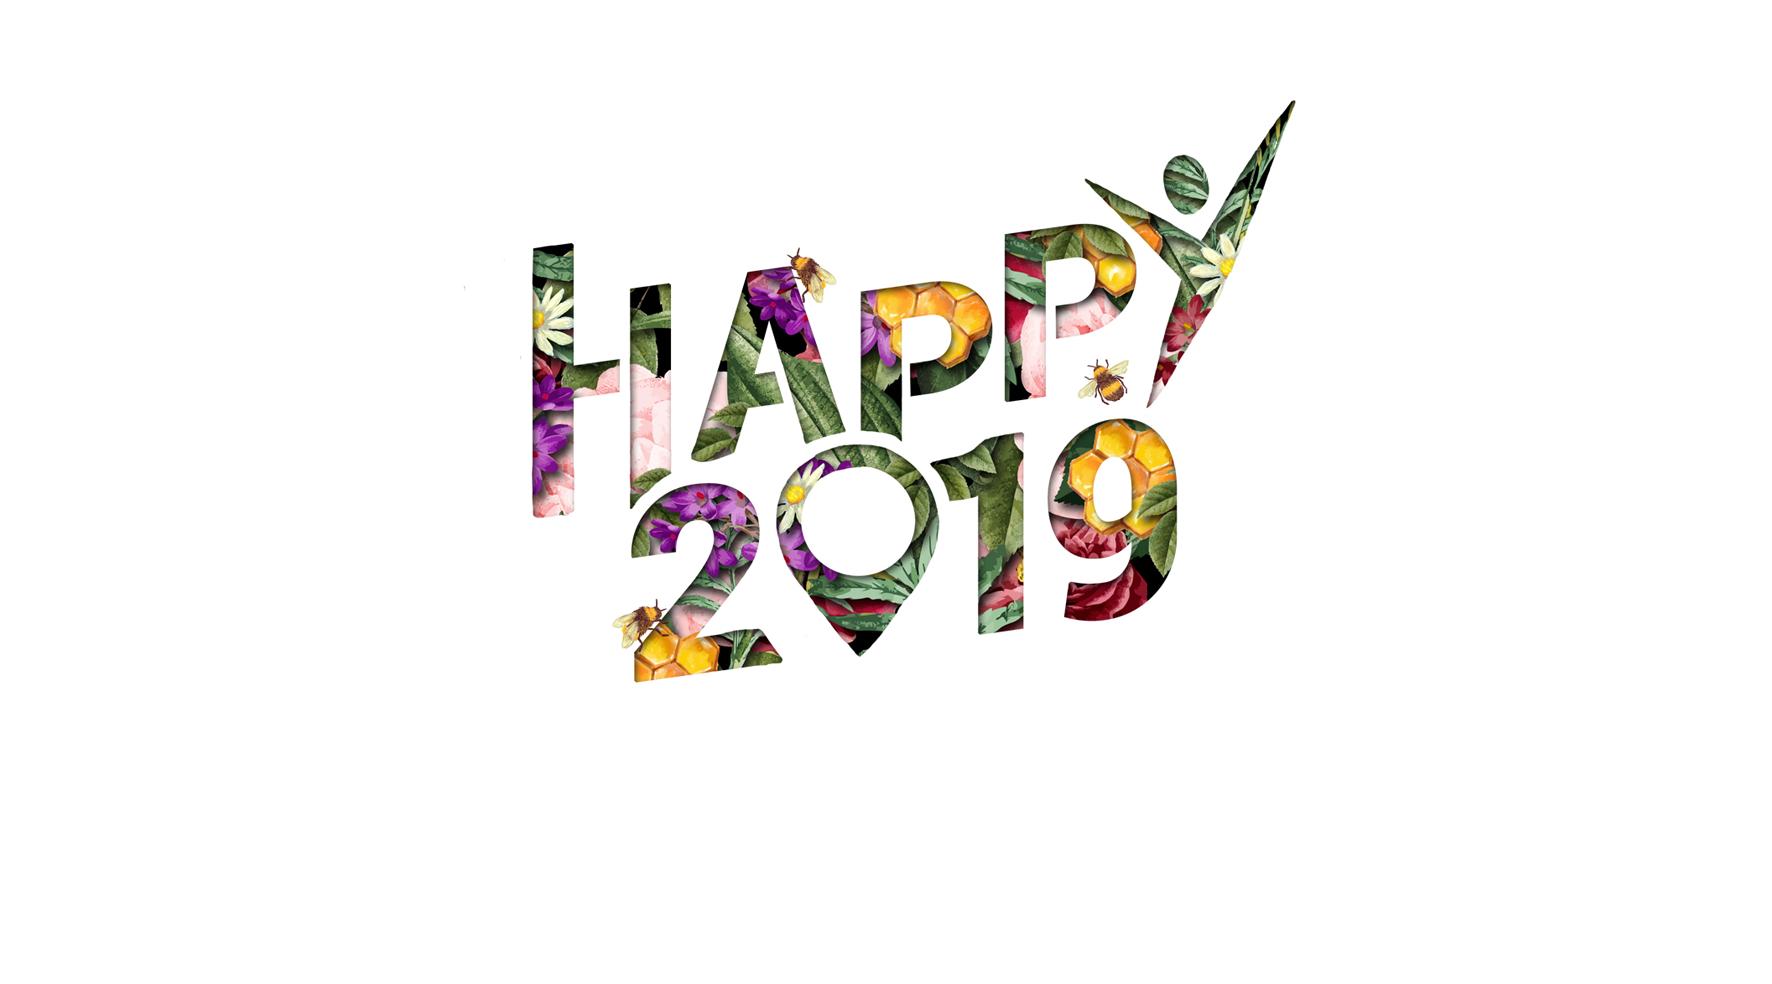 Adrexo vous souhaite une bonne année 2019 !